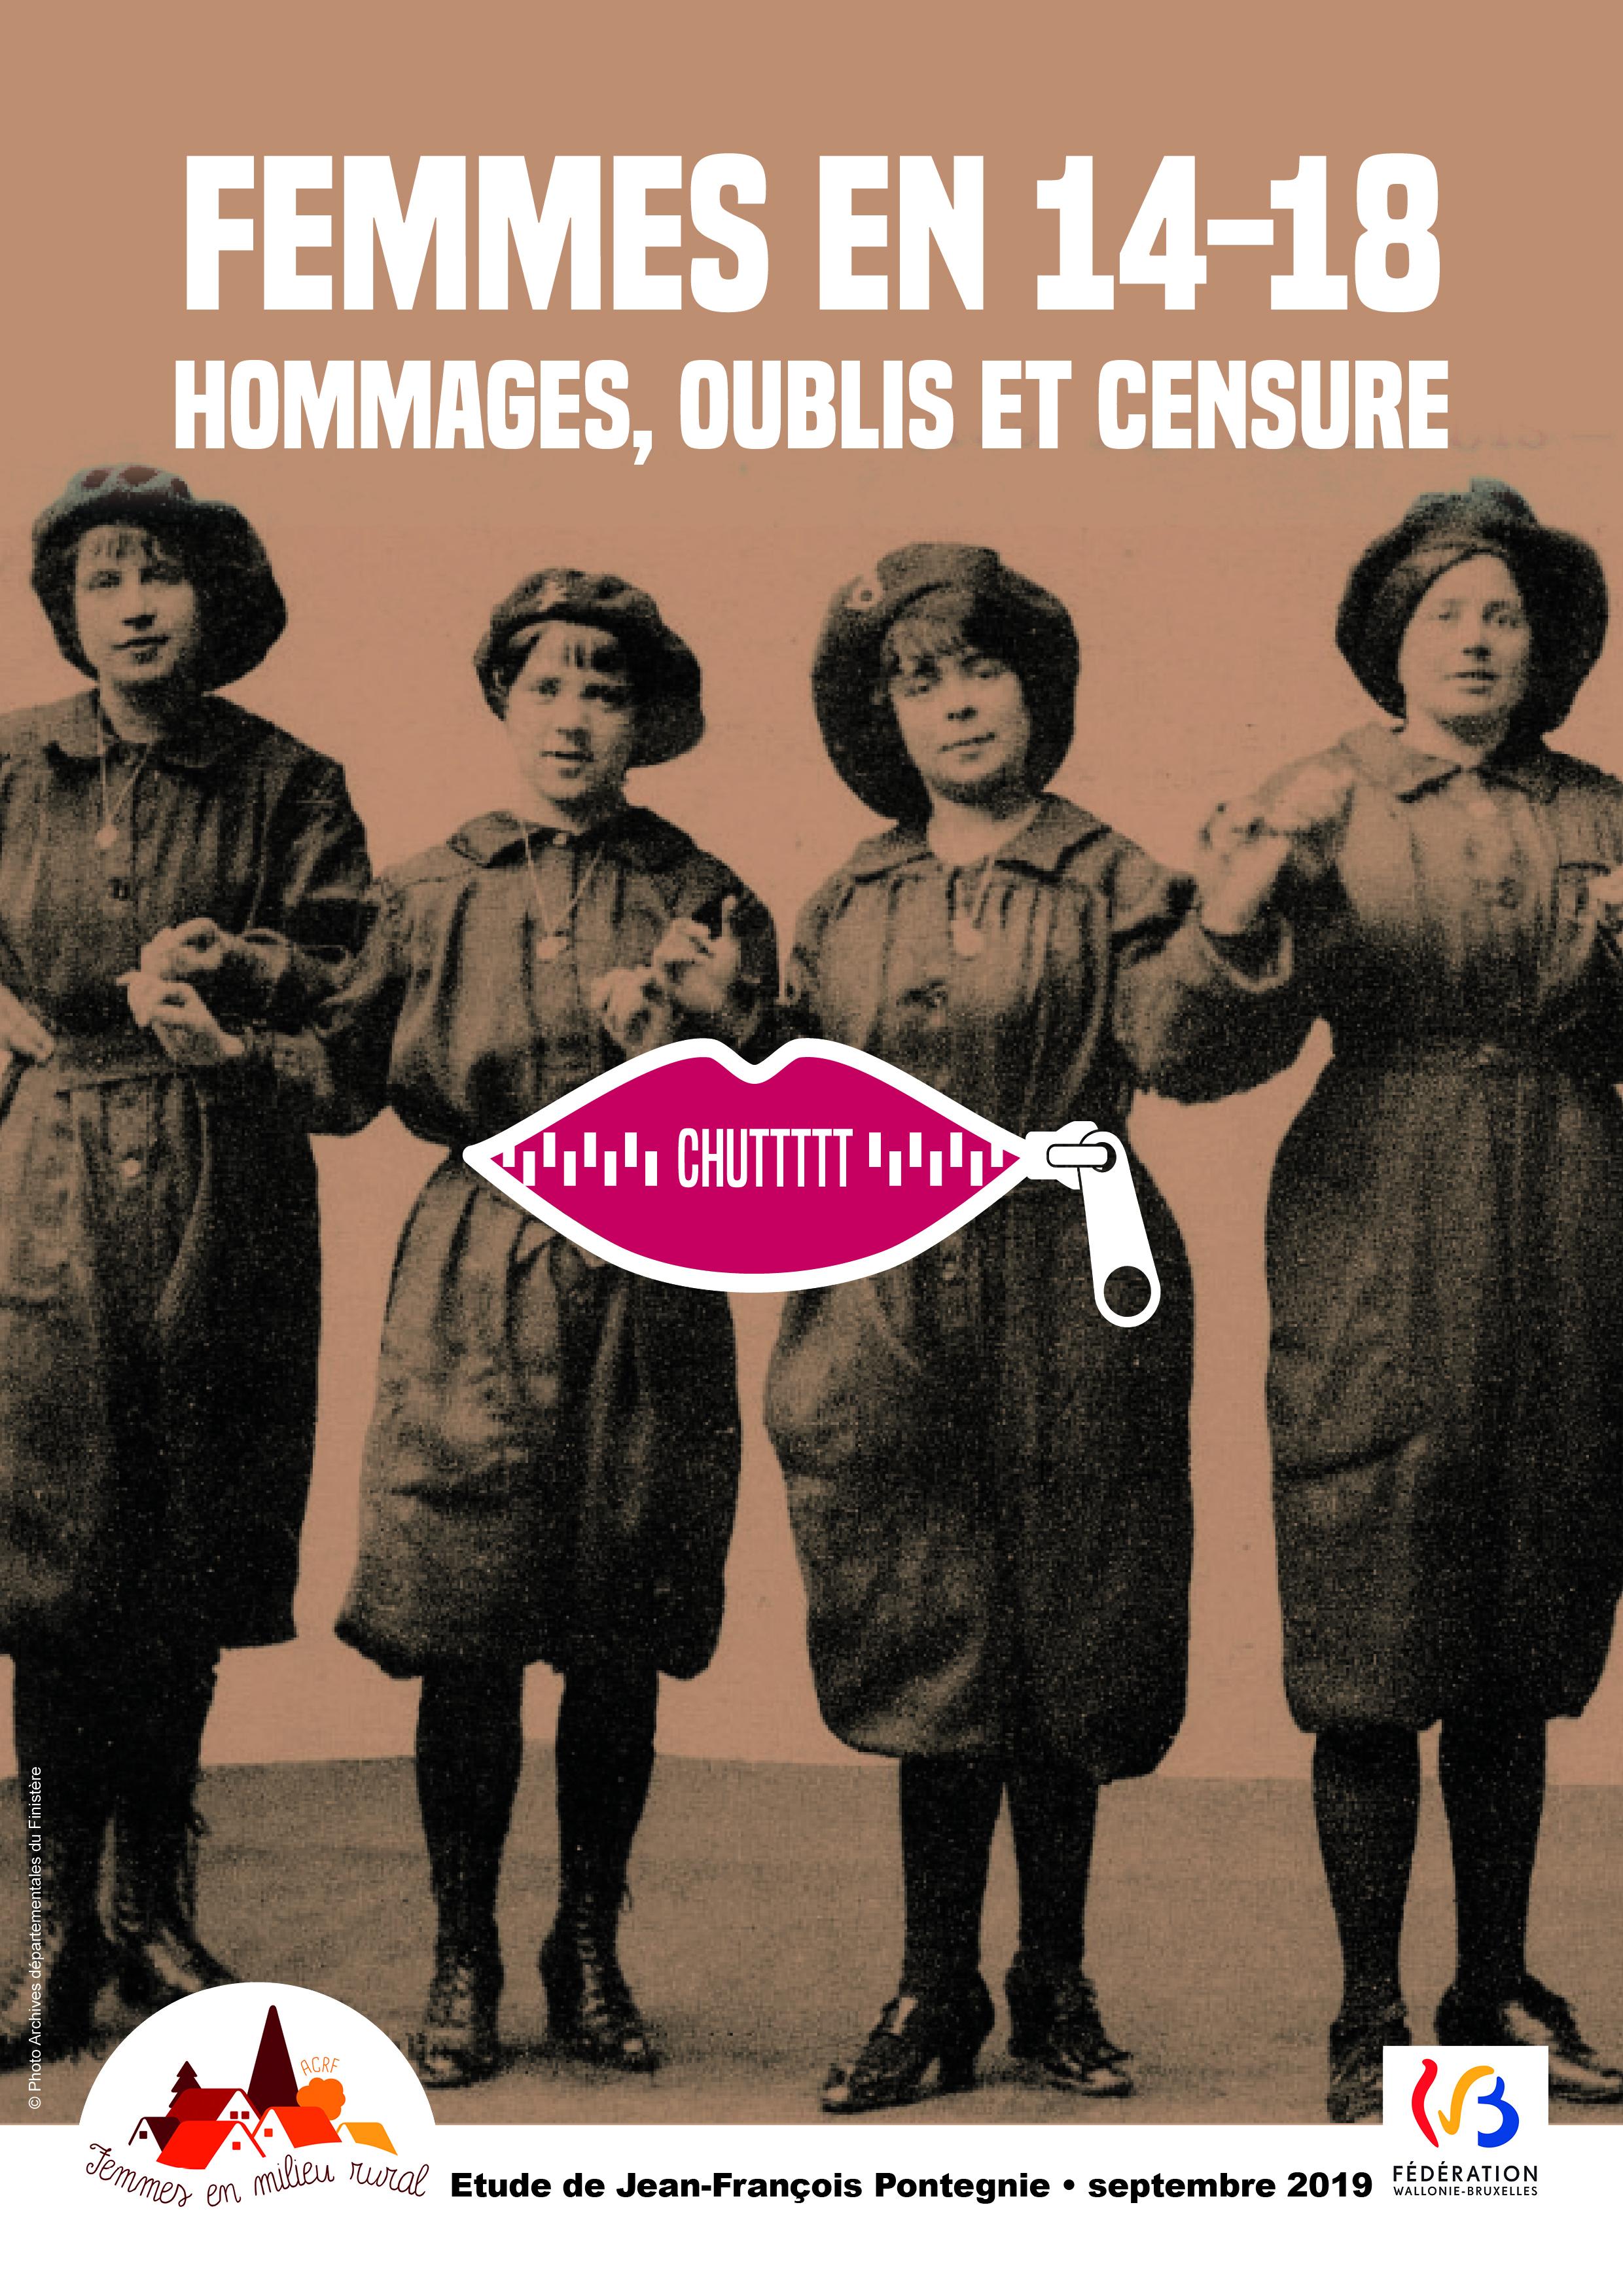 Femmes en 14/18 – Hommages, oublis et censure